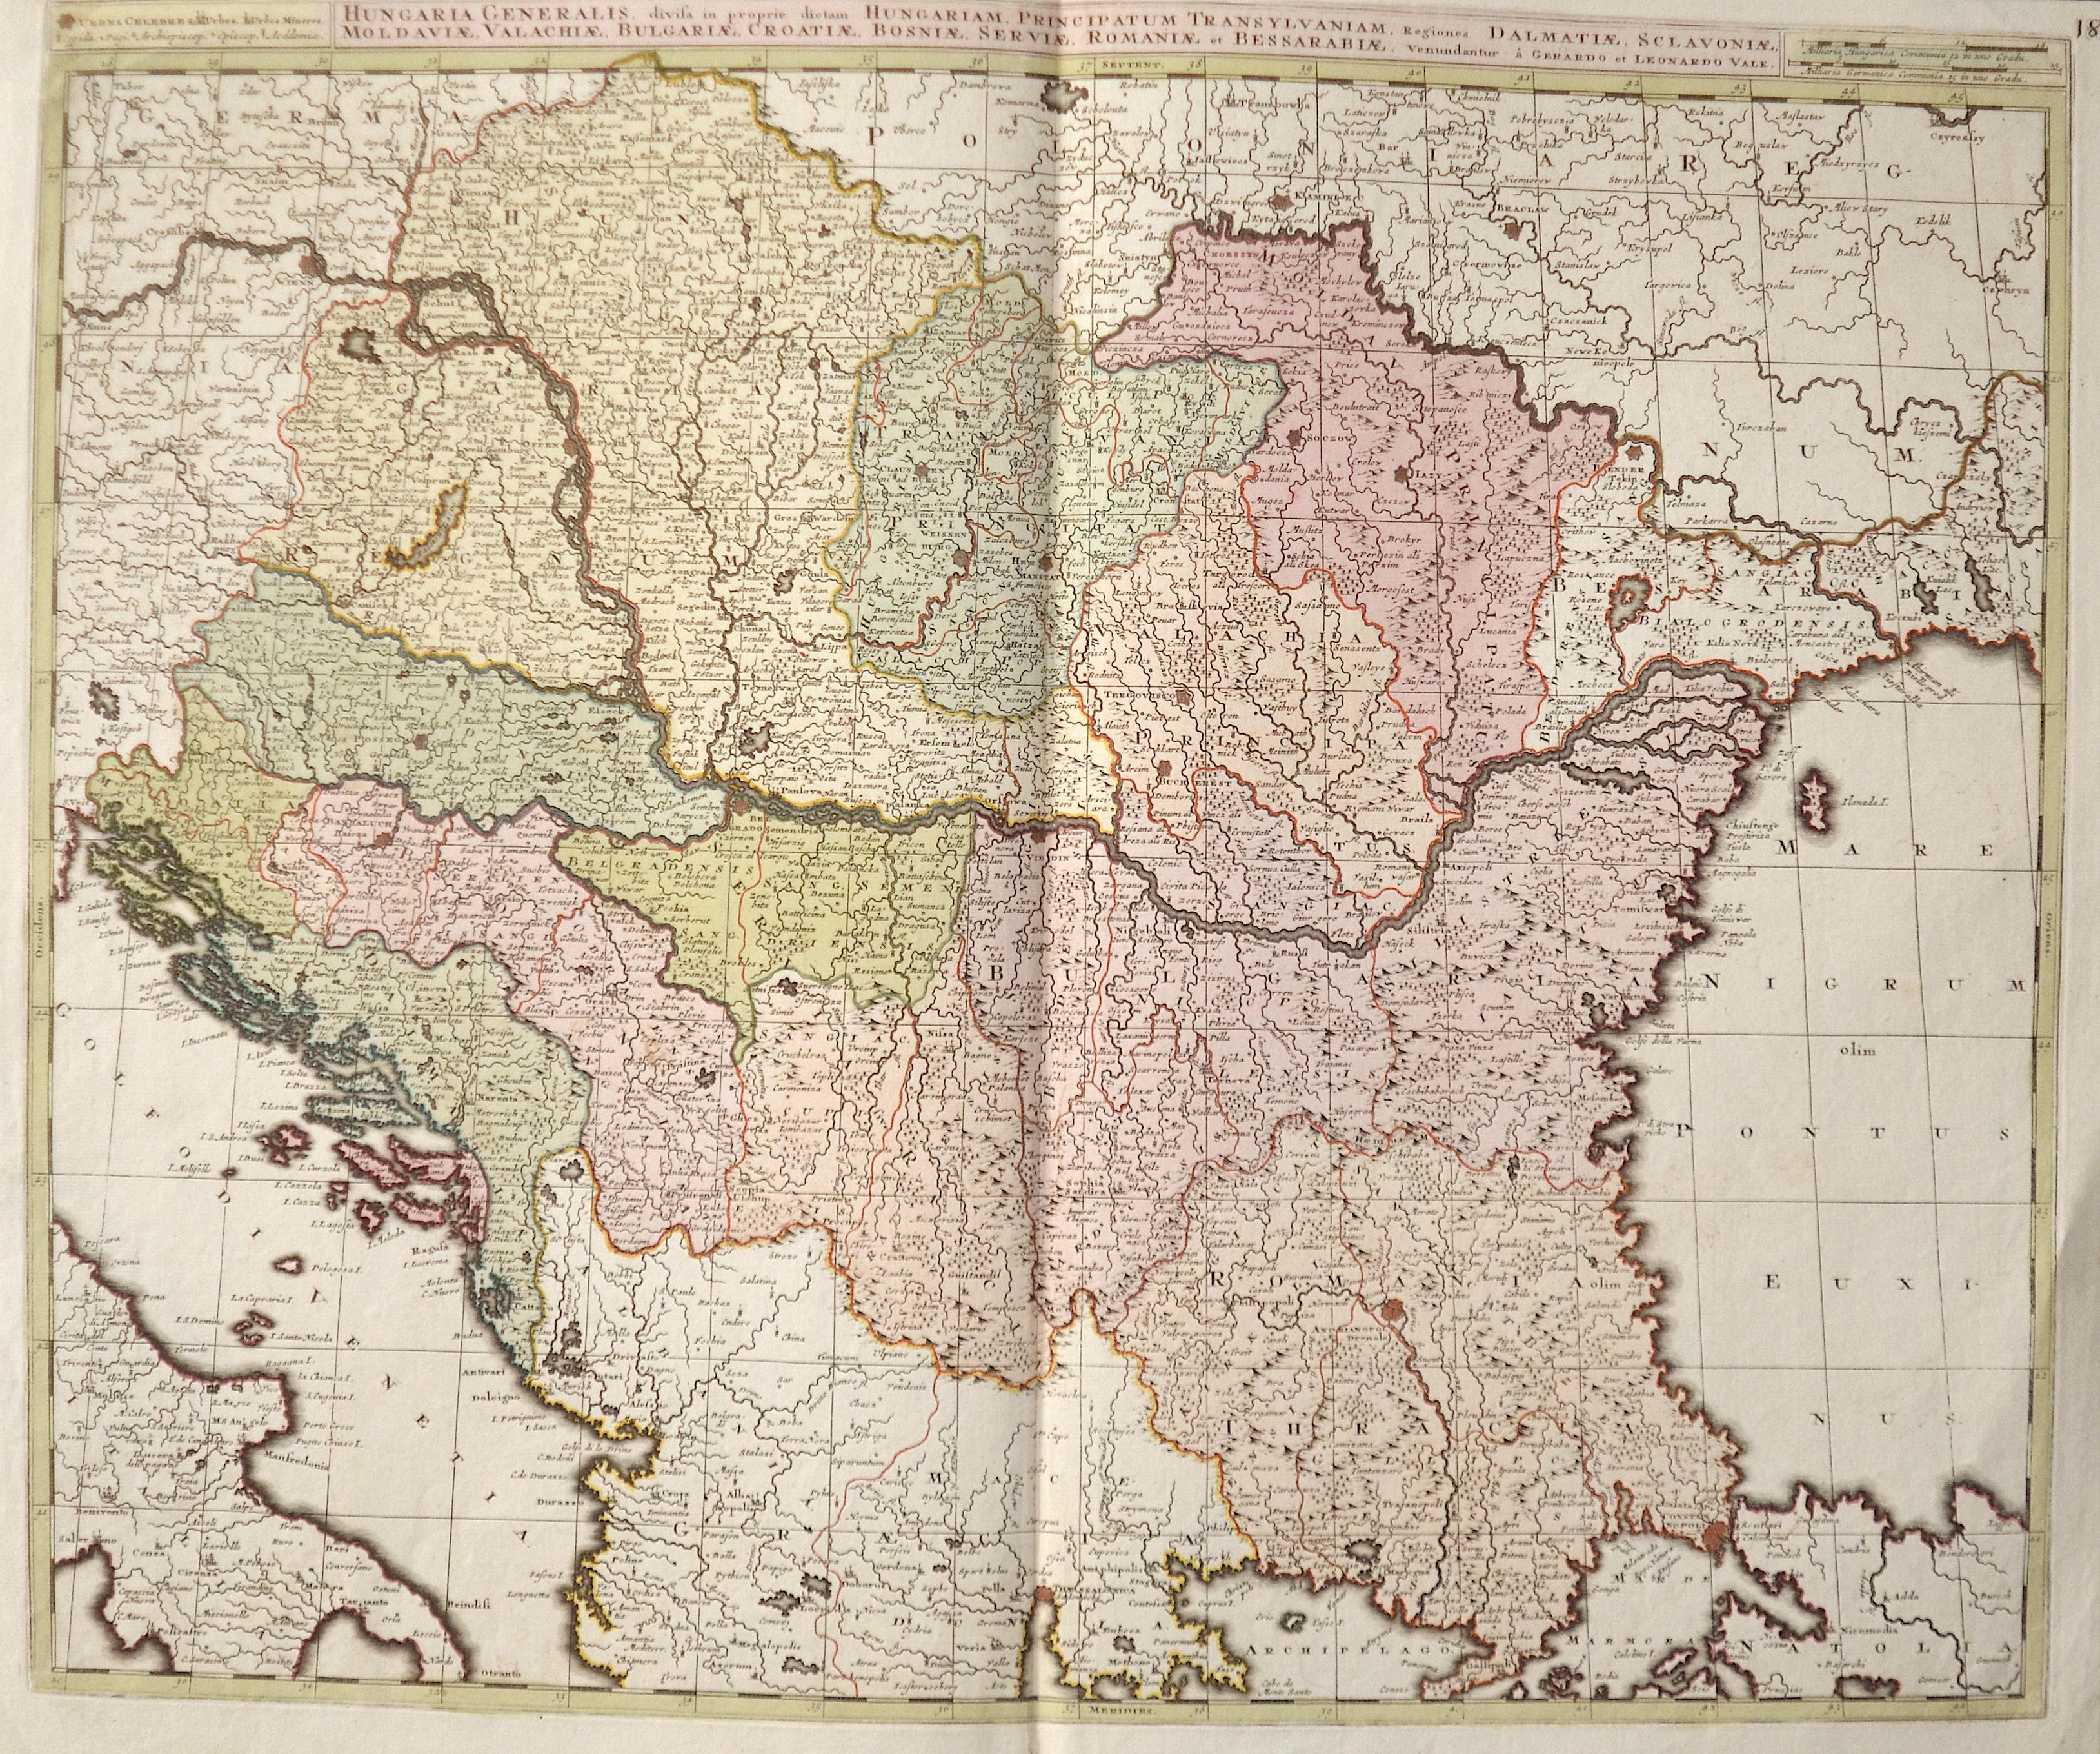 Valk Gerard Hungaria Generalis, divisa in proprie dictam Hungariam, Principatum Transylvaniam, Regiones Dalmatiae, Sclavoniae, Moldaviae, Valachiae, Bulgariae,..